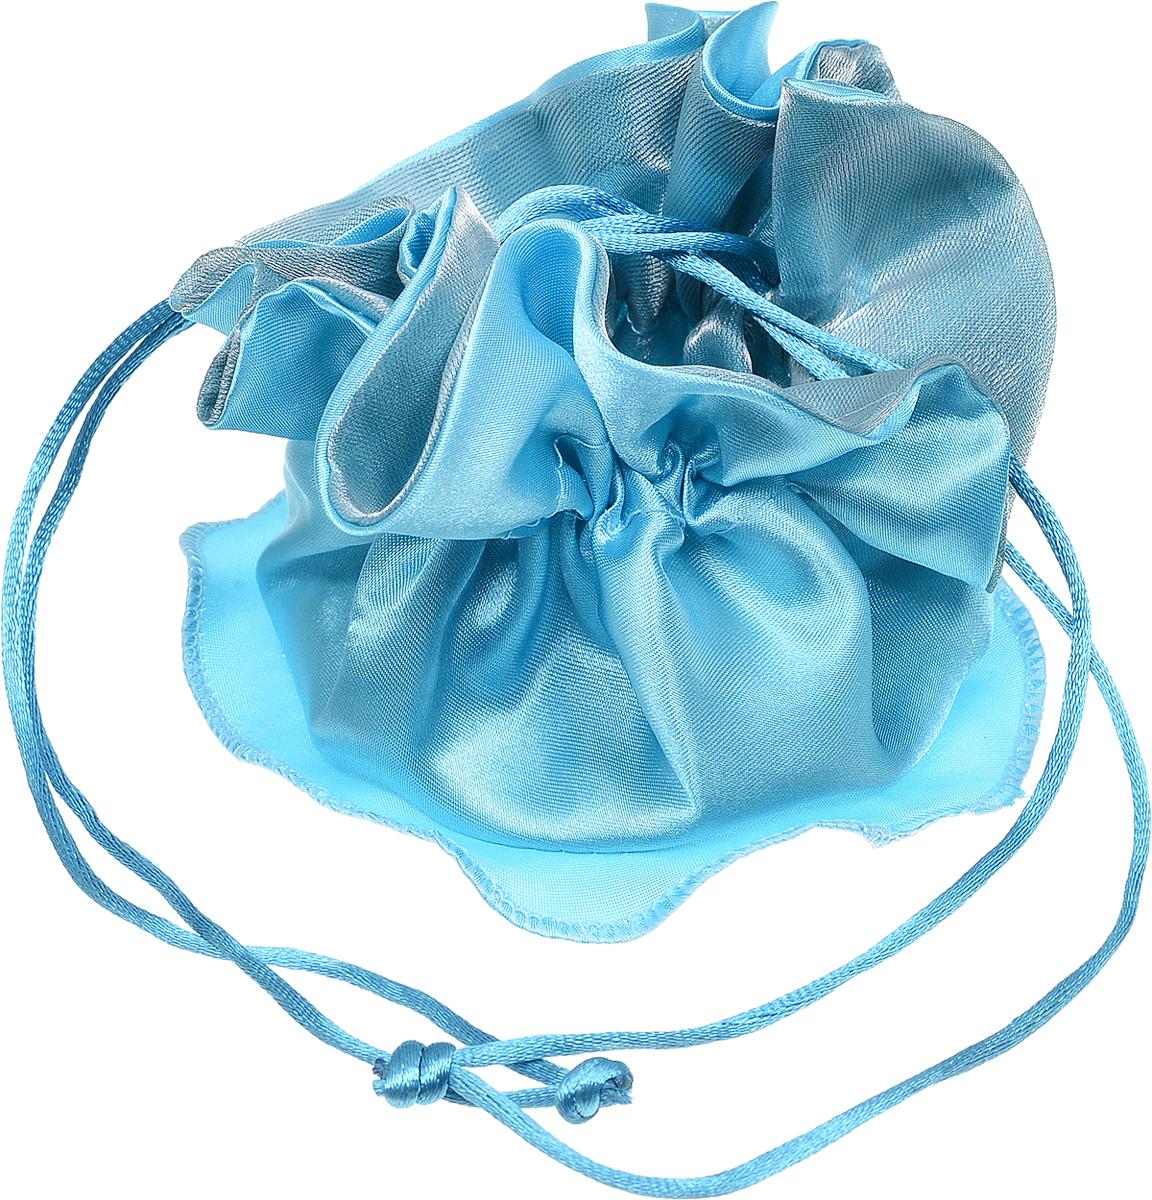 Мешочек для подарка Piovaccari Флу, цвет: голубой, 25 х 25 см1899 07Мешочек для подарка Piovaccari Флу, изготовленный из прозрачного полиэстера, позволит положить внутрь небольшой сувенир, украшение или маленькую игрушку и сделает момент вручения подарка по-настоящему интригующим и торжественным.